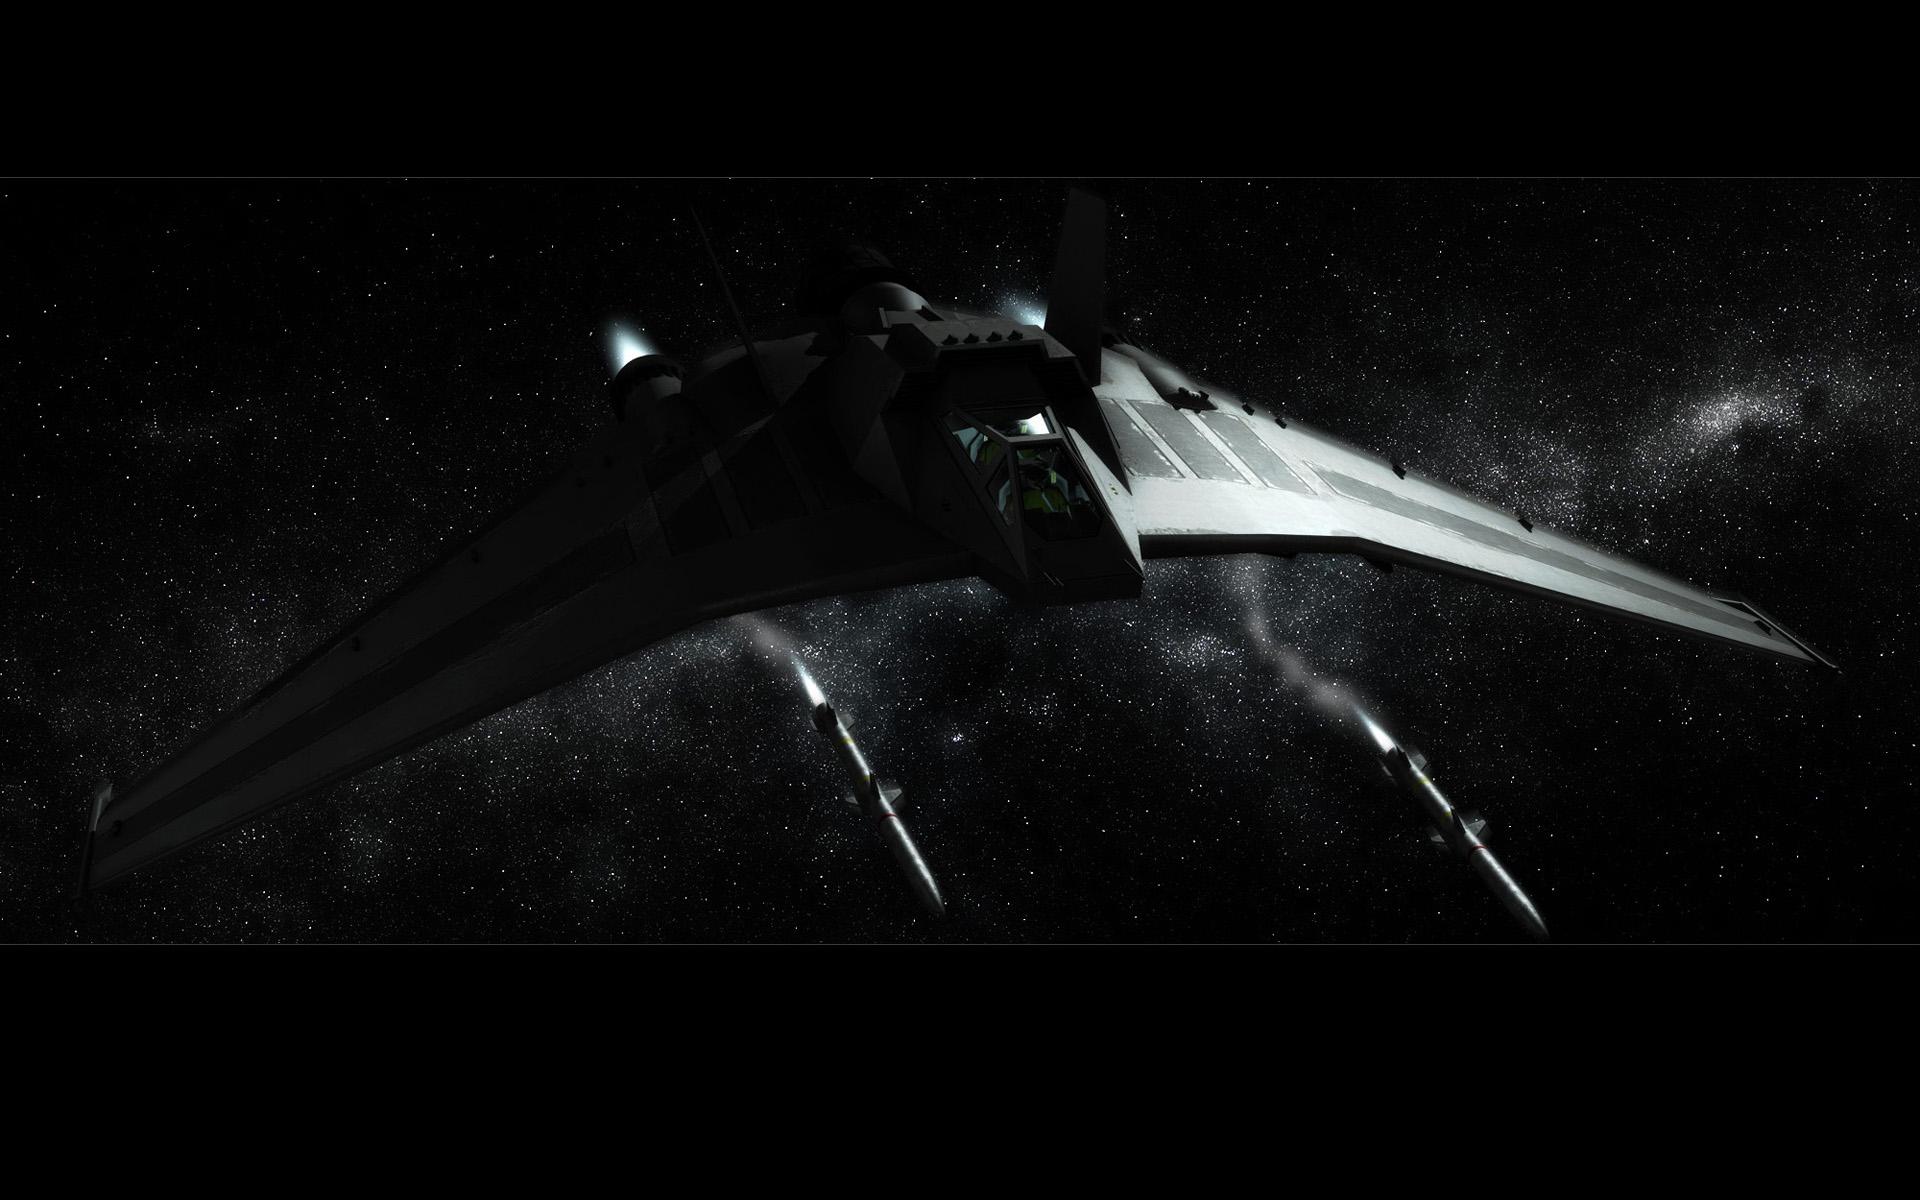 Stargate Atlantis wallpaper 5